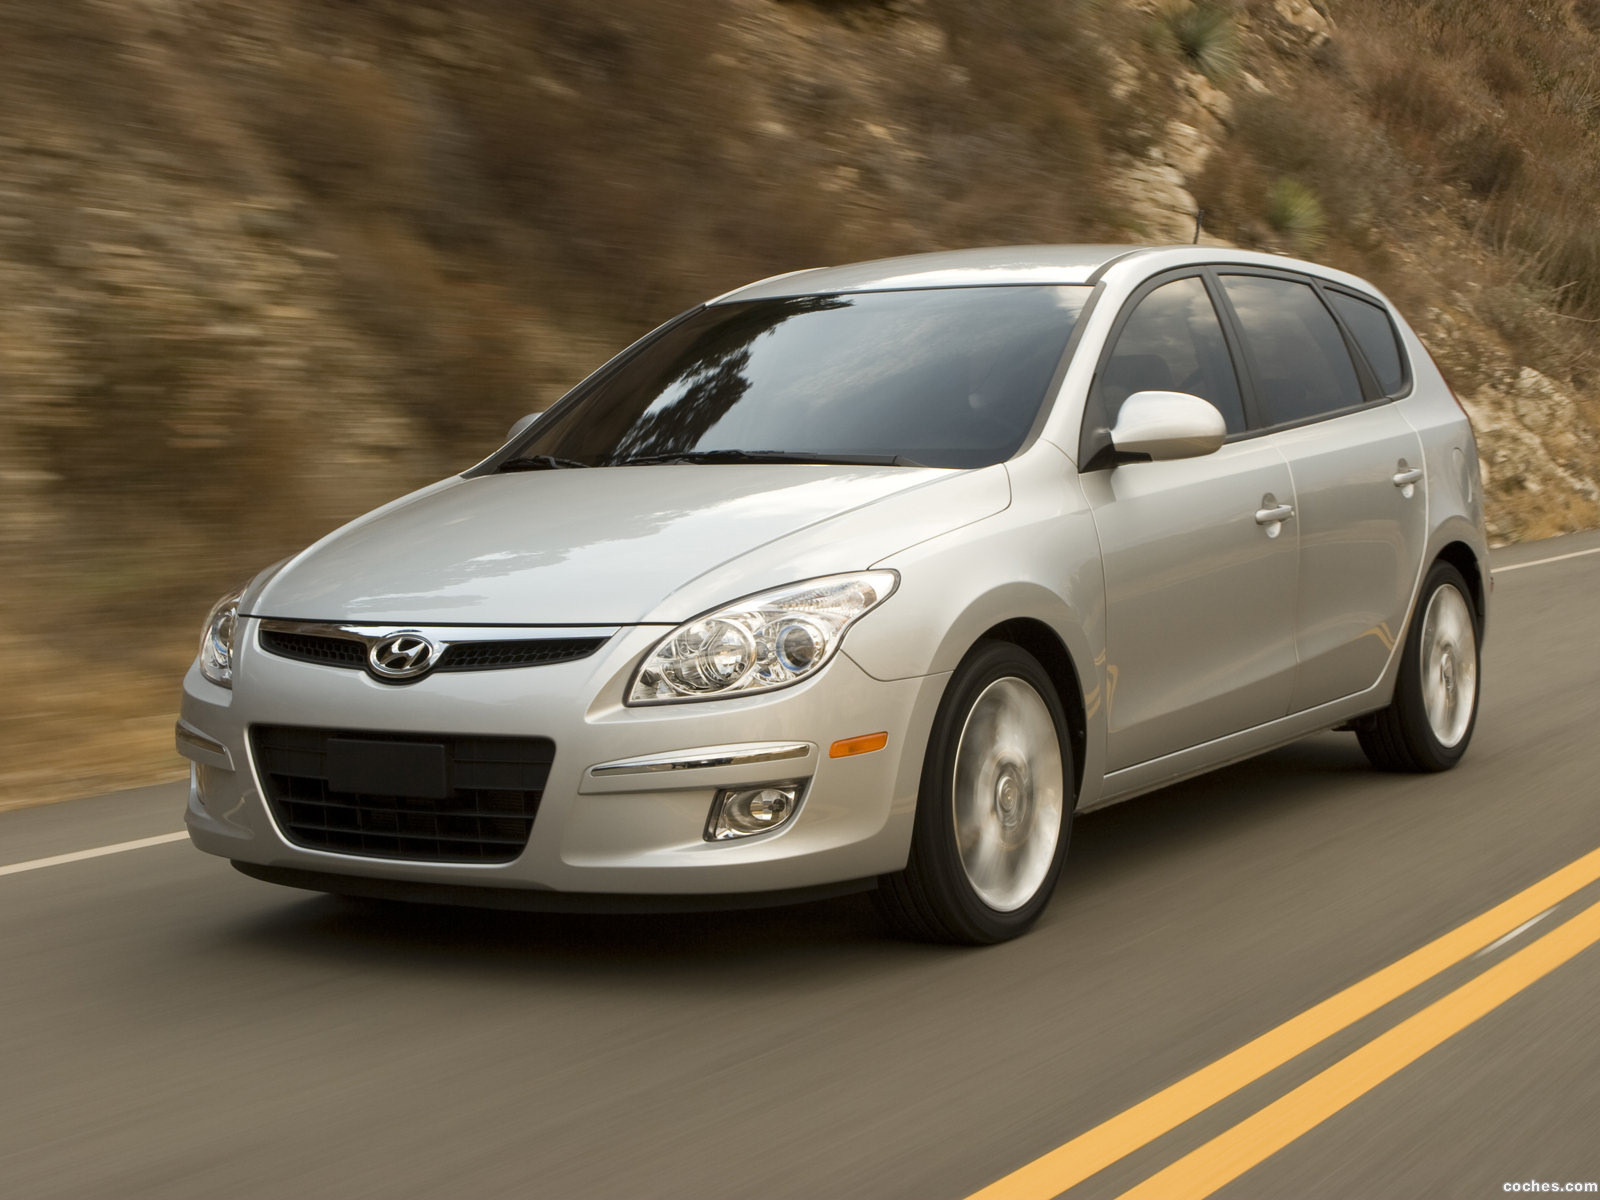 Foto 0 de Hyundai Elantra Touring 2008